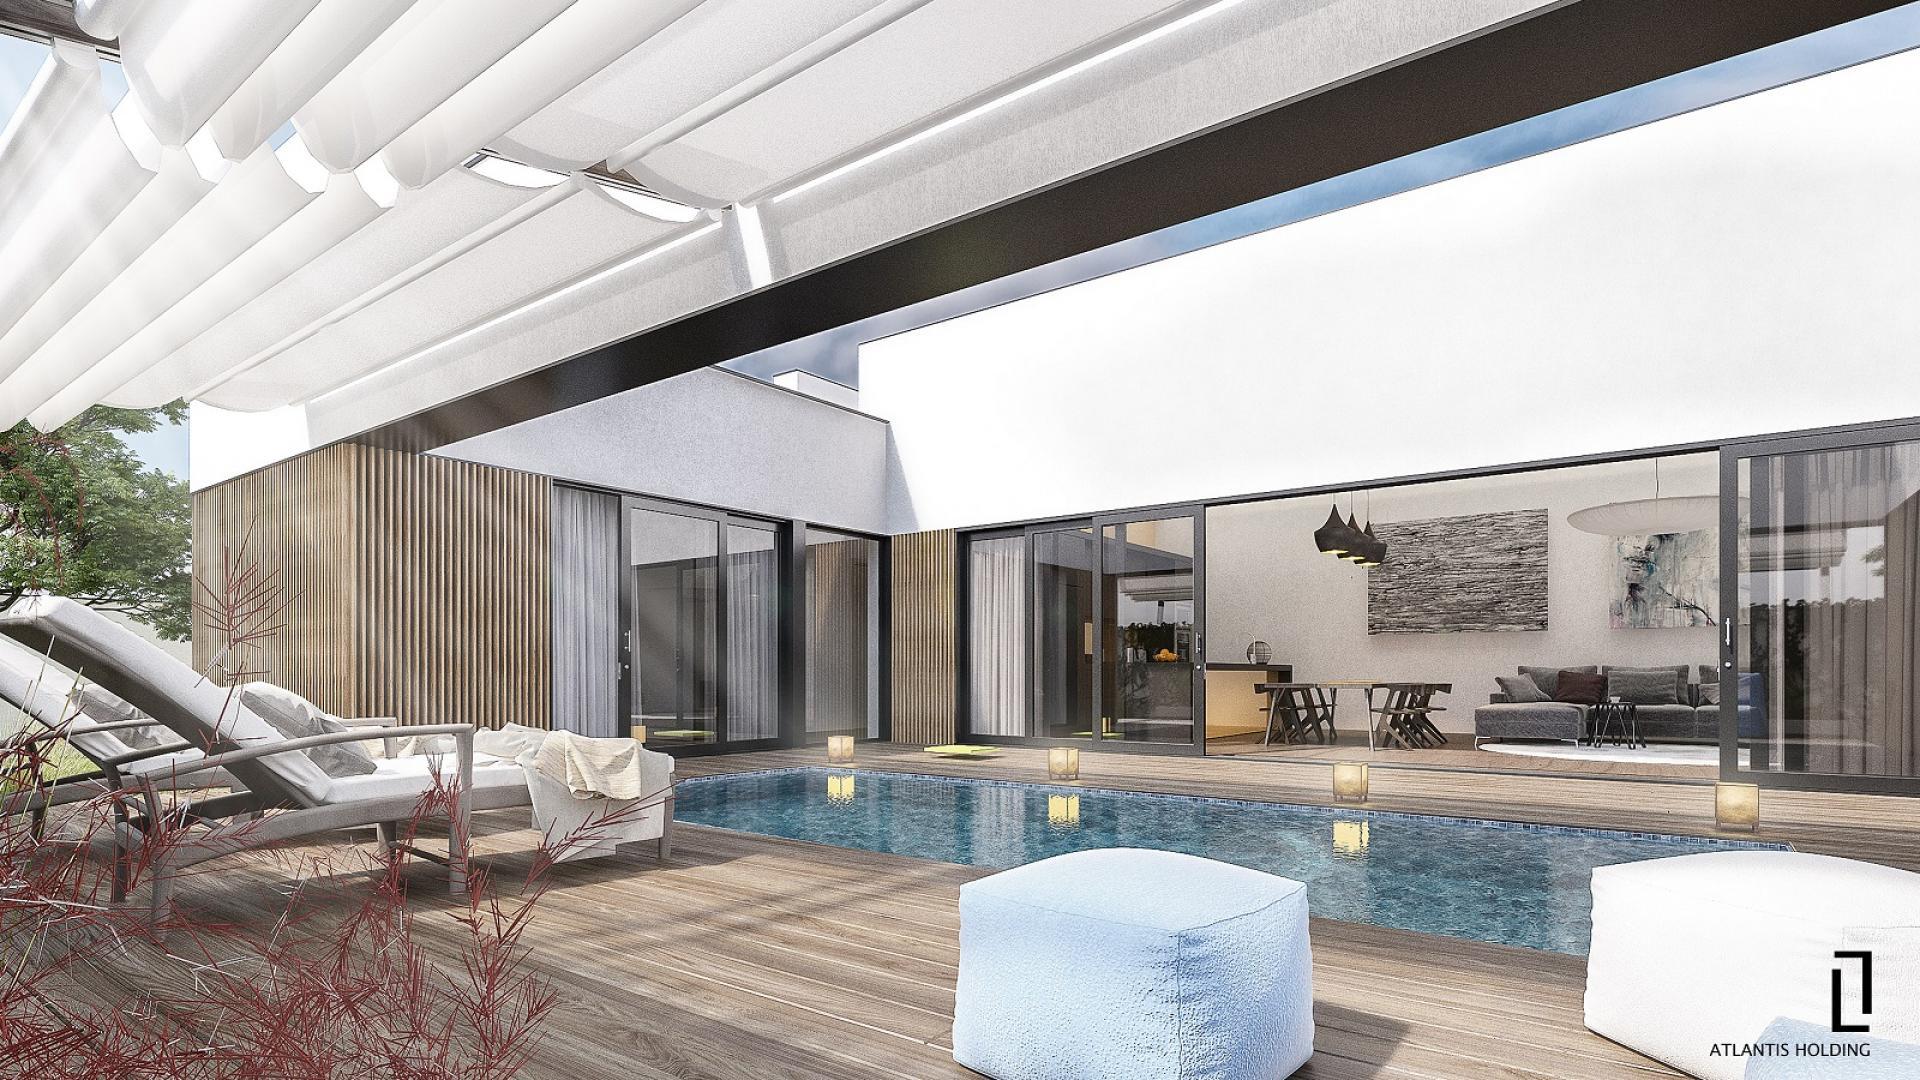 визуализация на частен двор с басейн и поставена пергула с поглед към хол/ трапезария